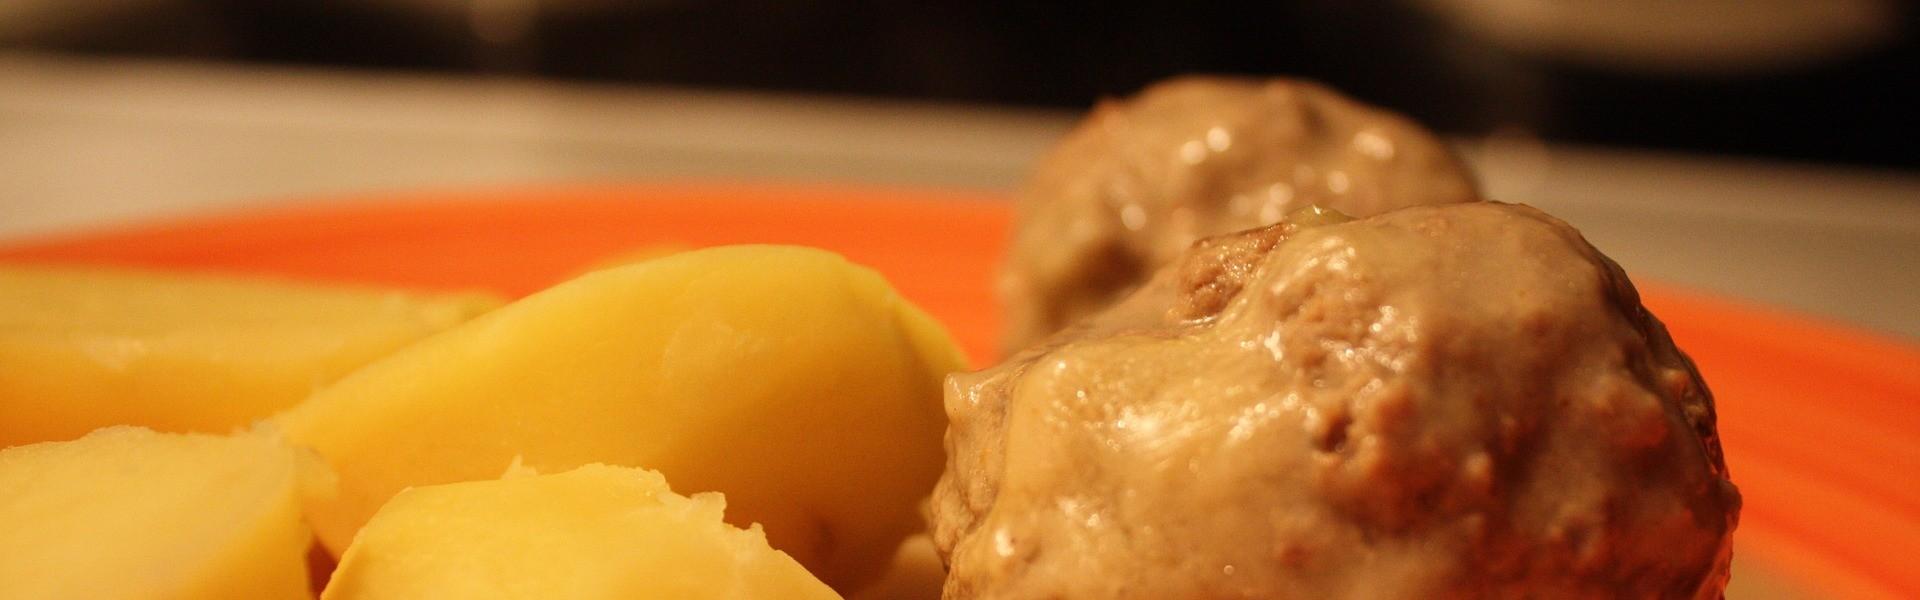 Aardappelen met Gehaktballen (foto: Daniel Baezol Pixabay)